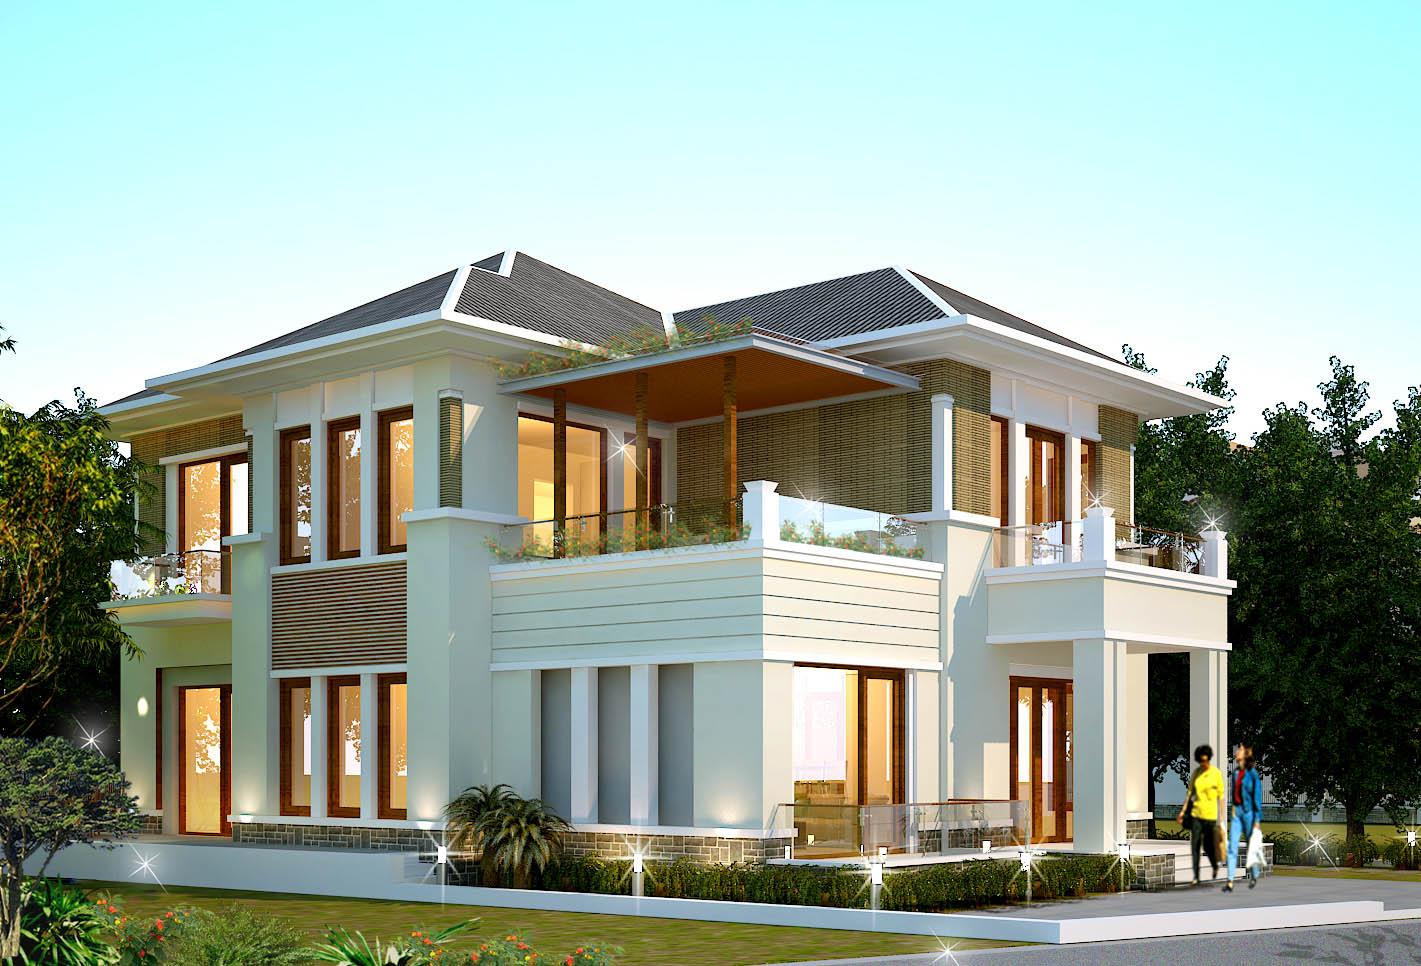 biệt thự 2 tầng mái thái hiện đại đẹp 1